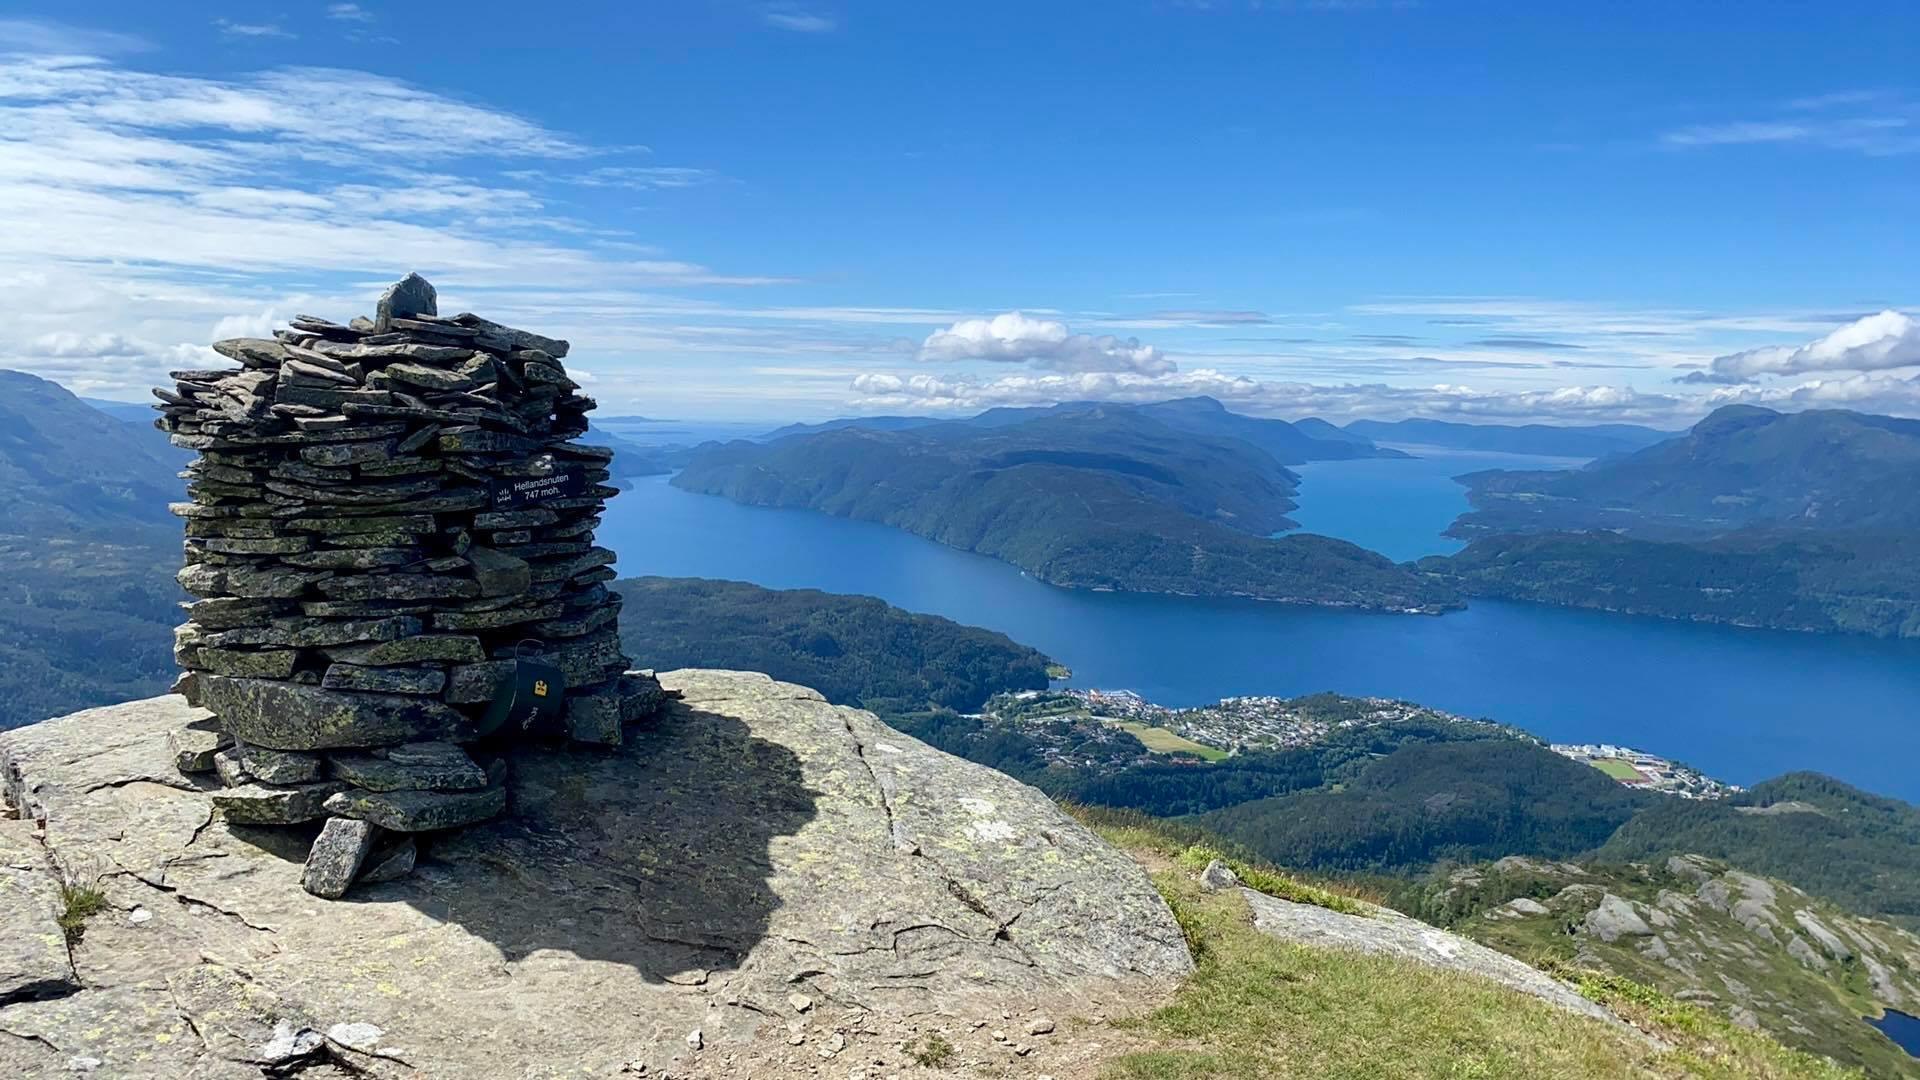 Varde på toppen av fjelltopp med utsikt over fjordlandskap